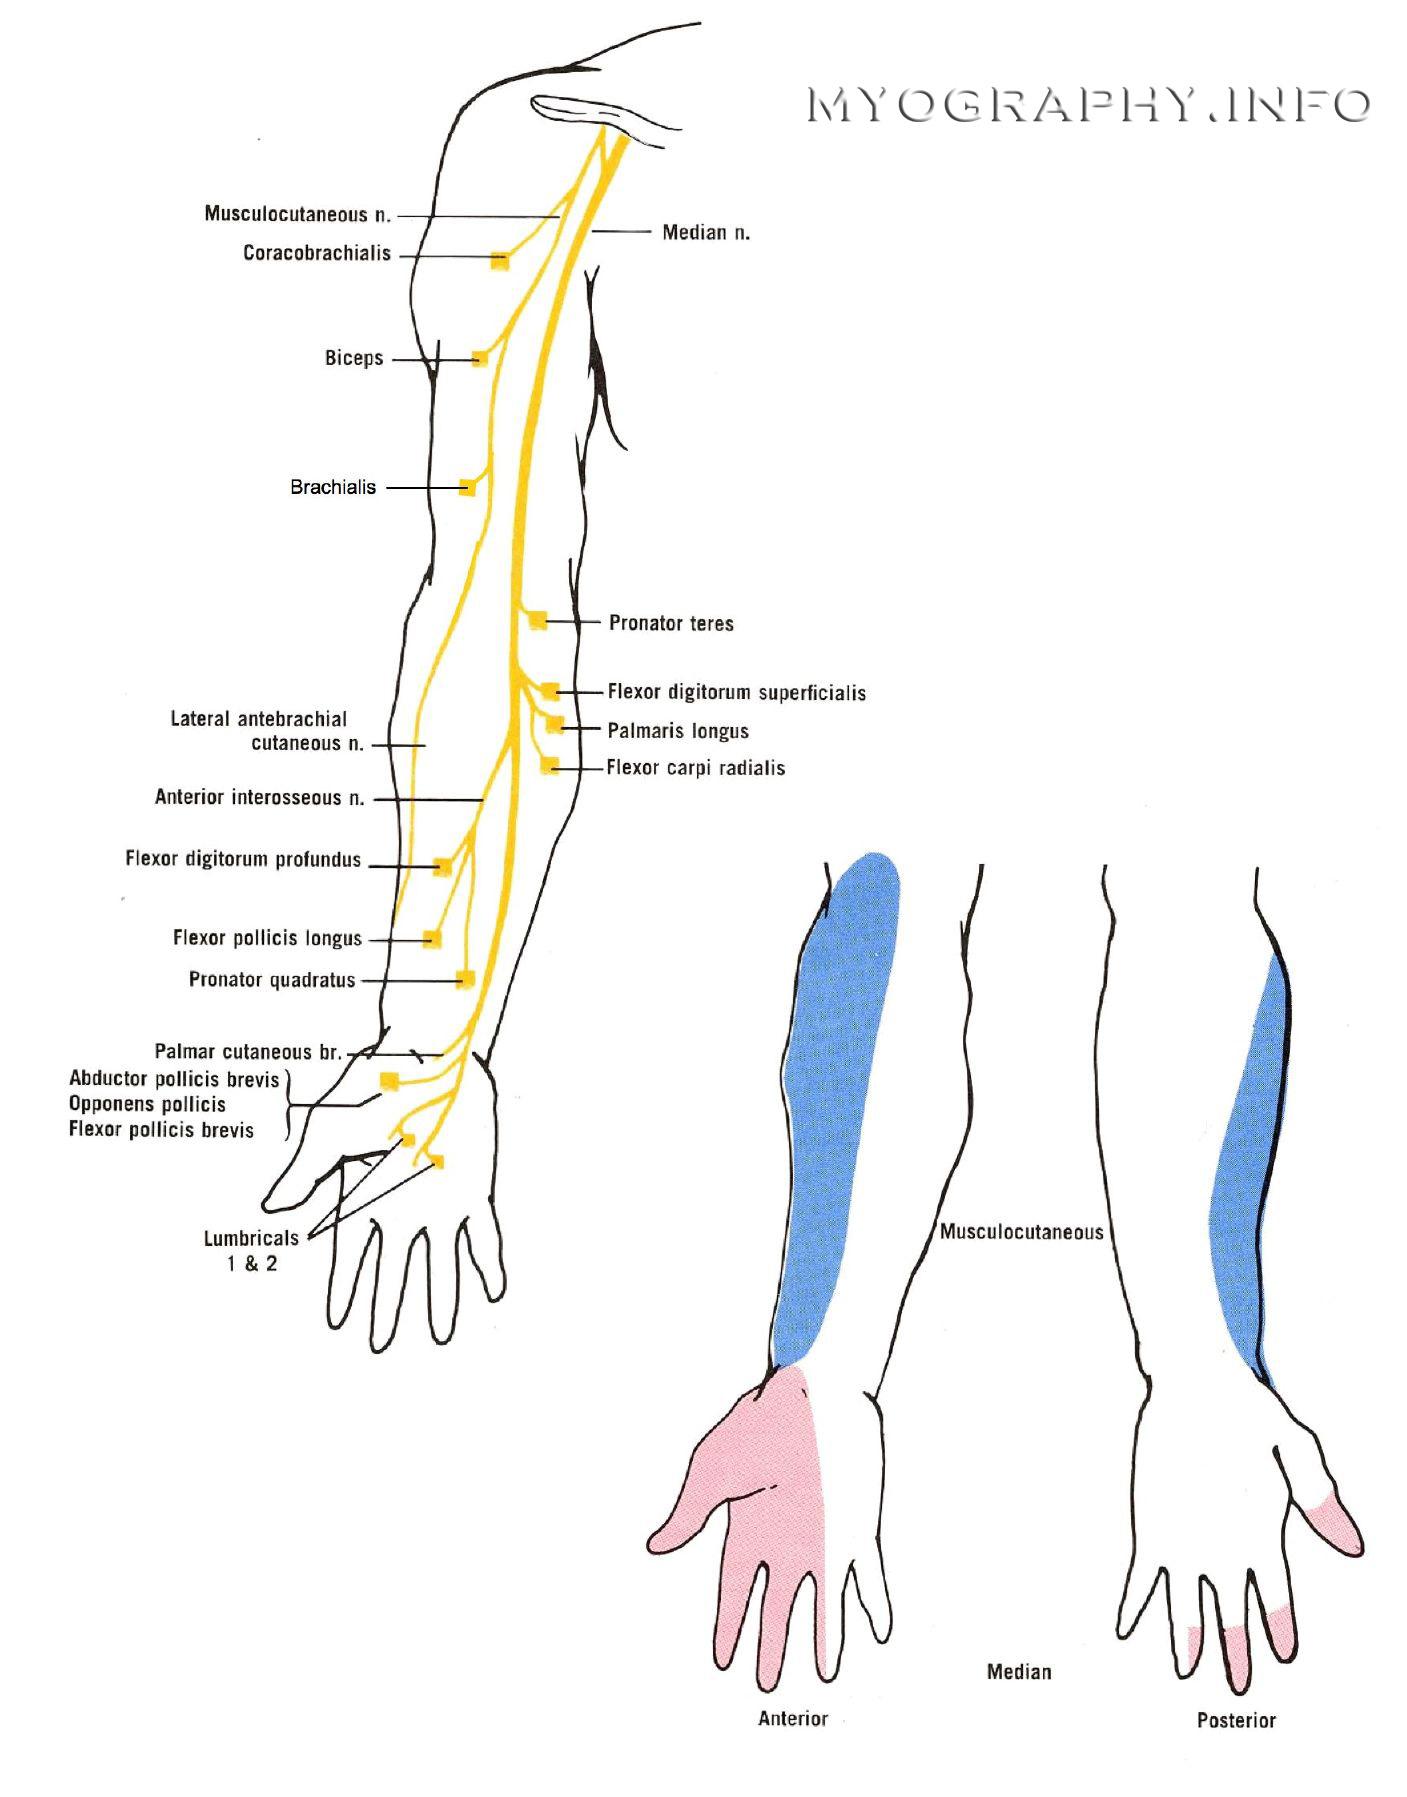 nervus radialis superficialis